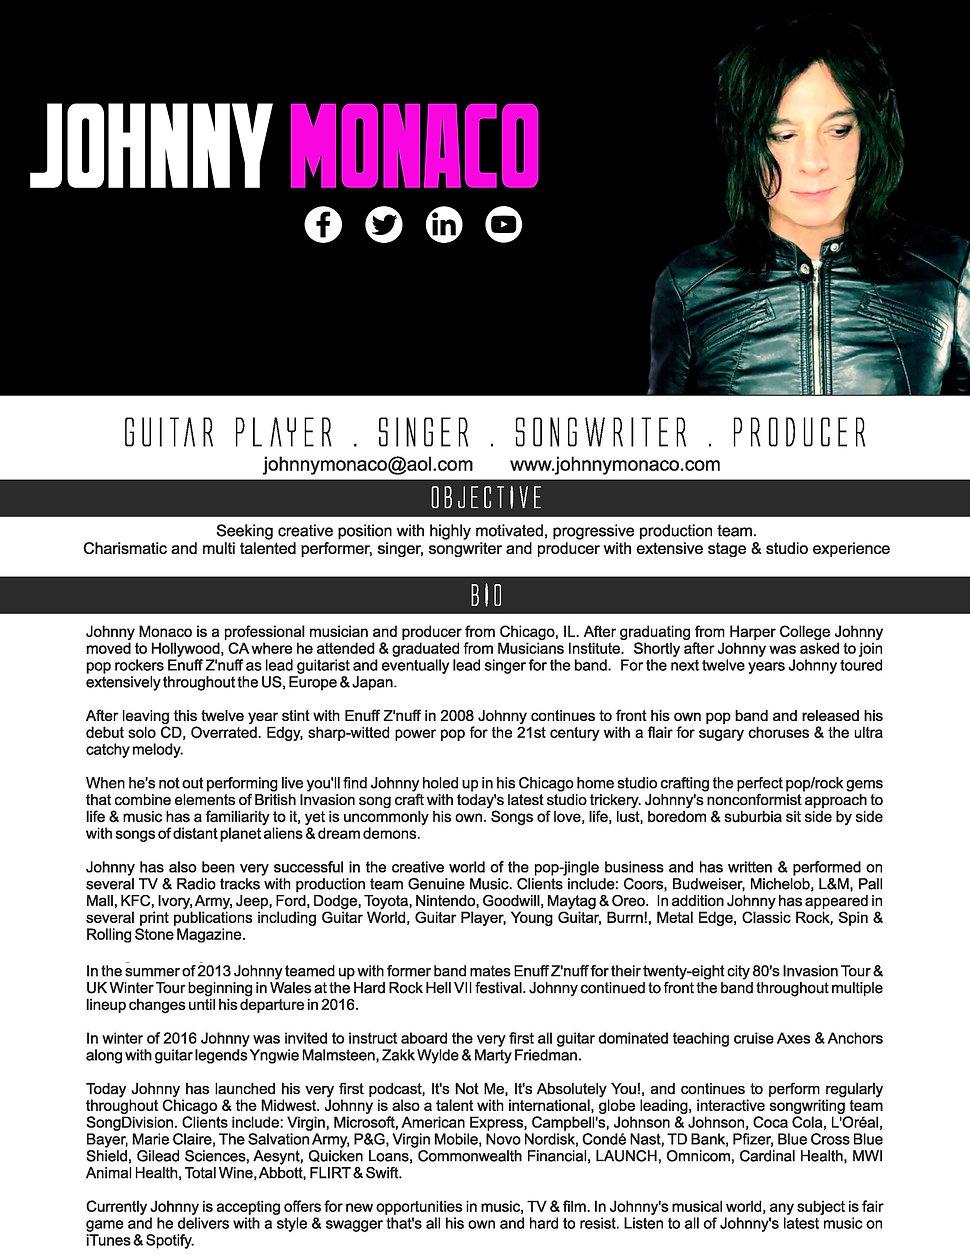 JMonaco Resume 2019 (web)